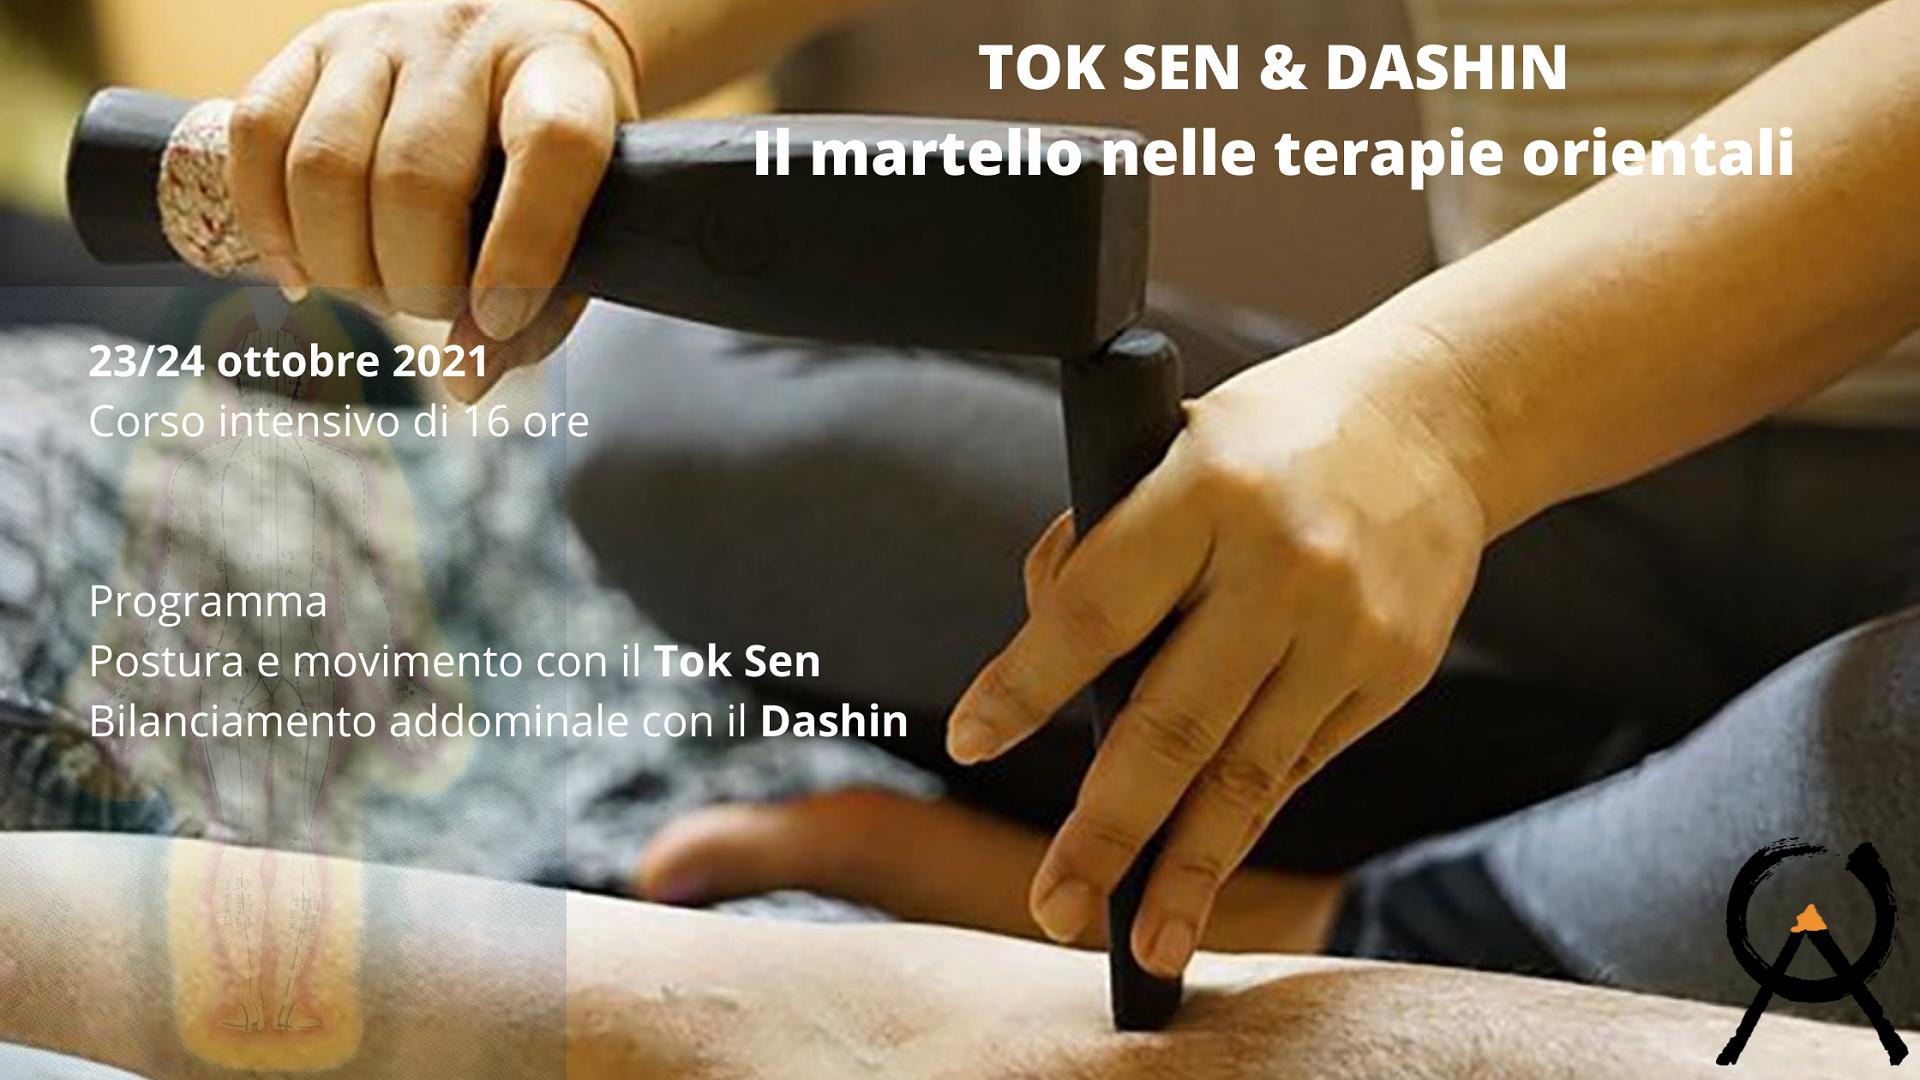 Tok Sen & Dashin